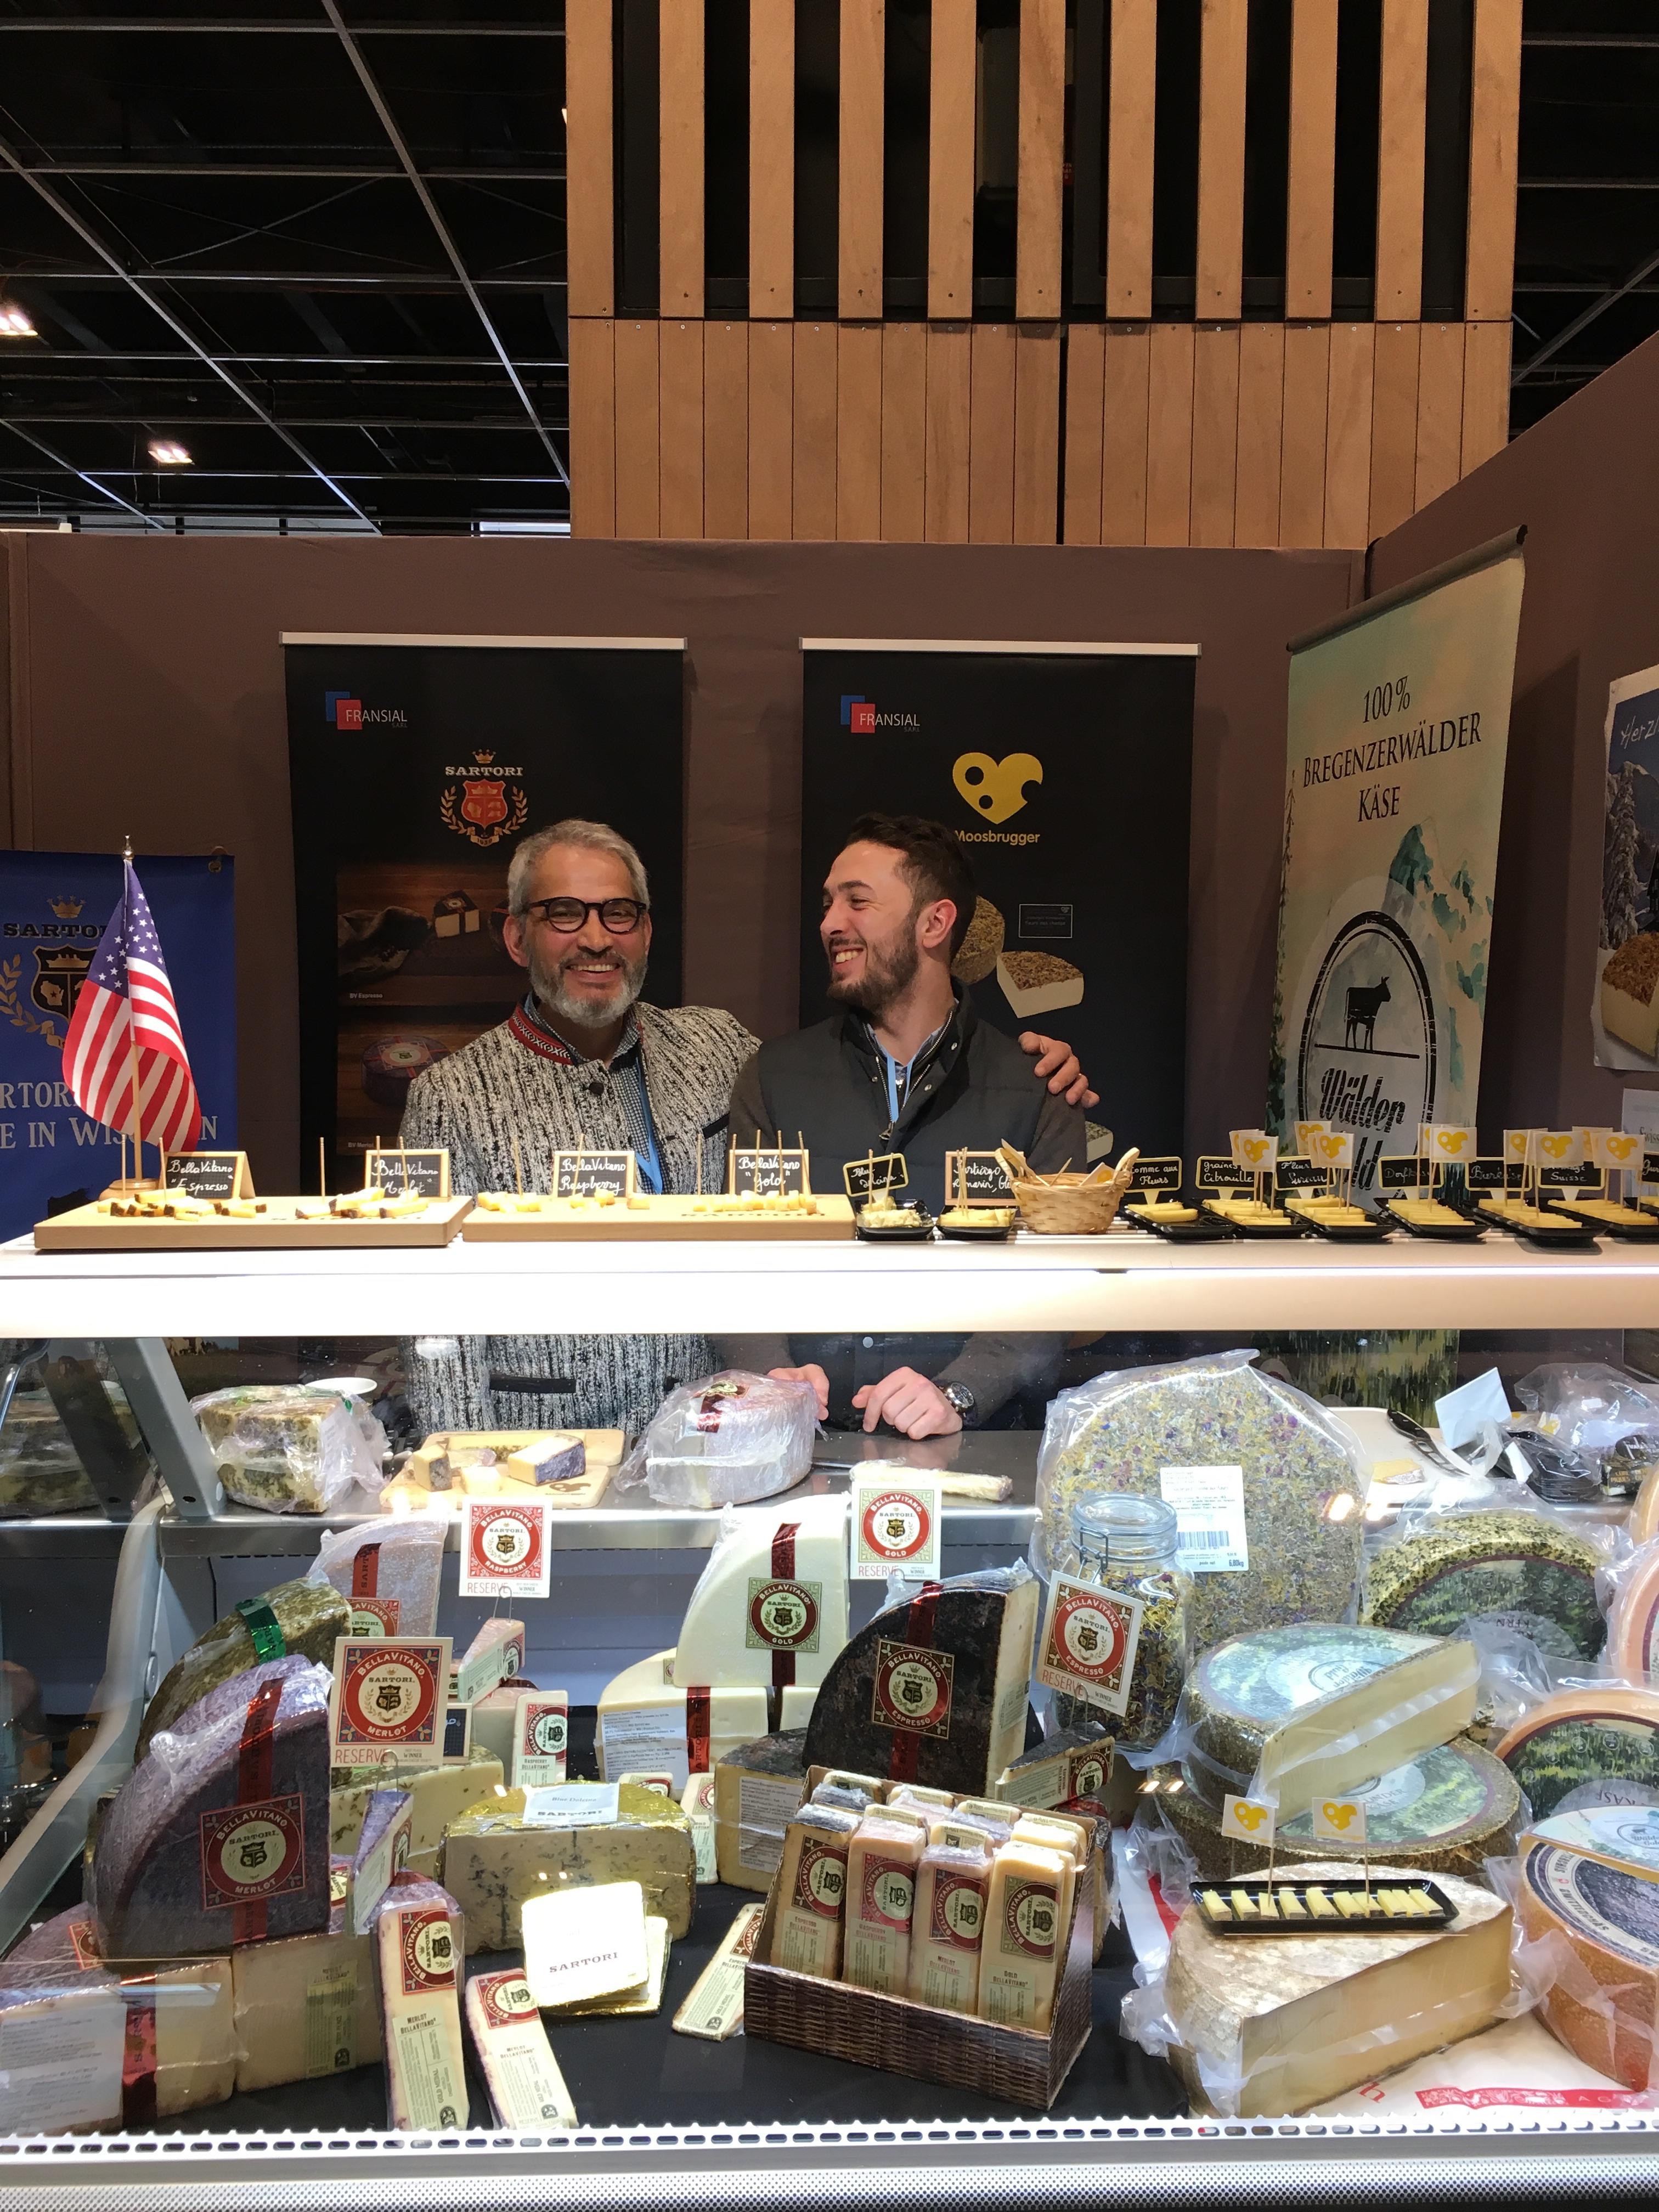 Salon du fromage 2018